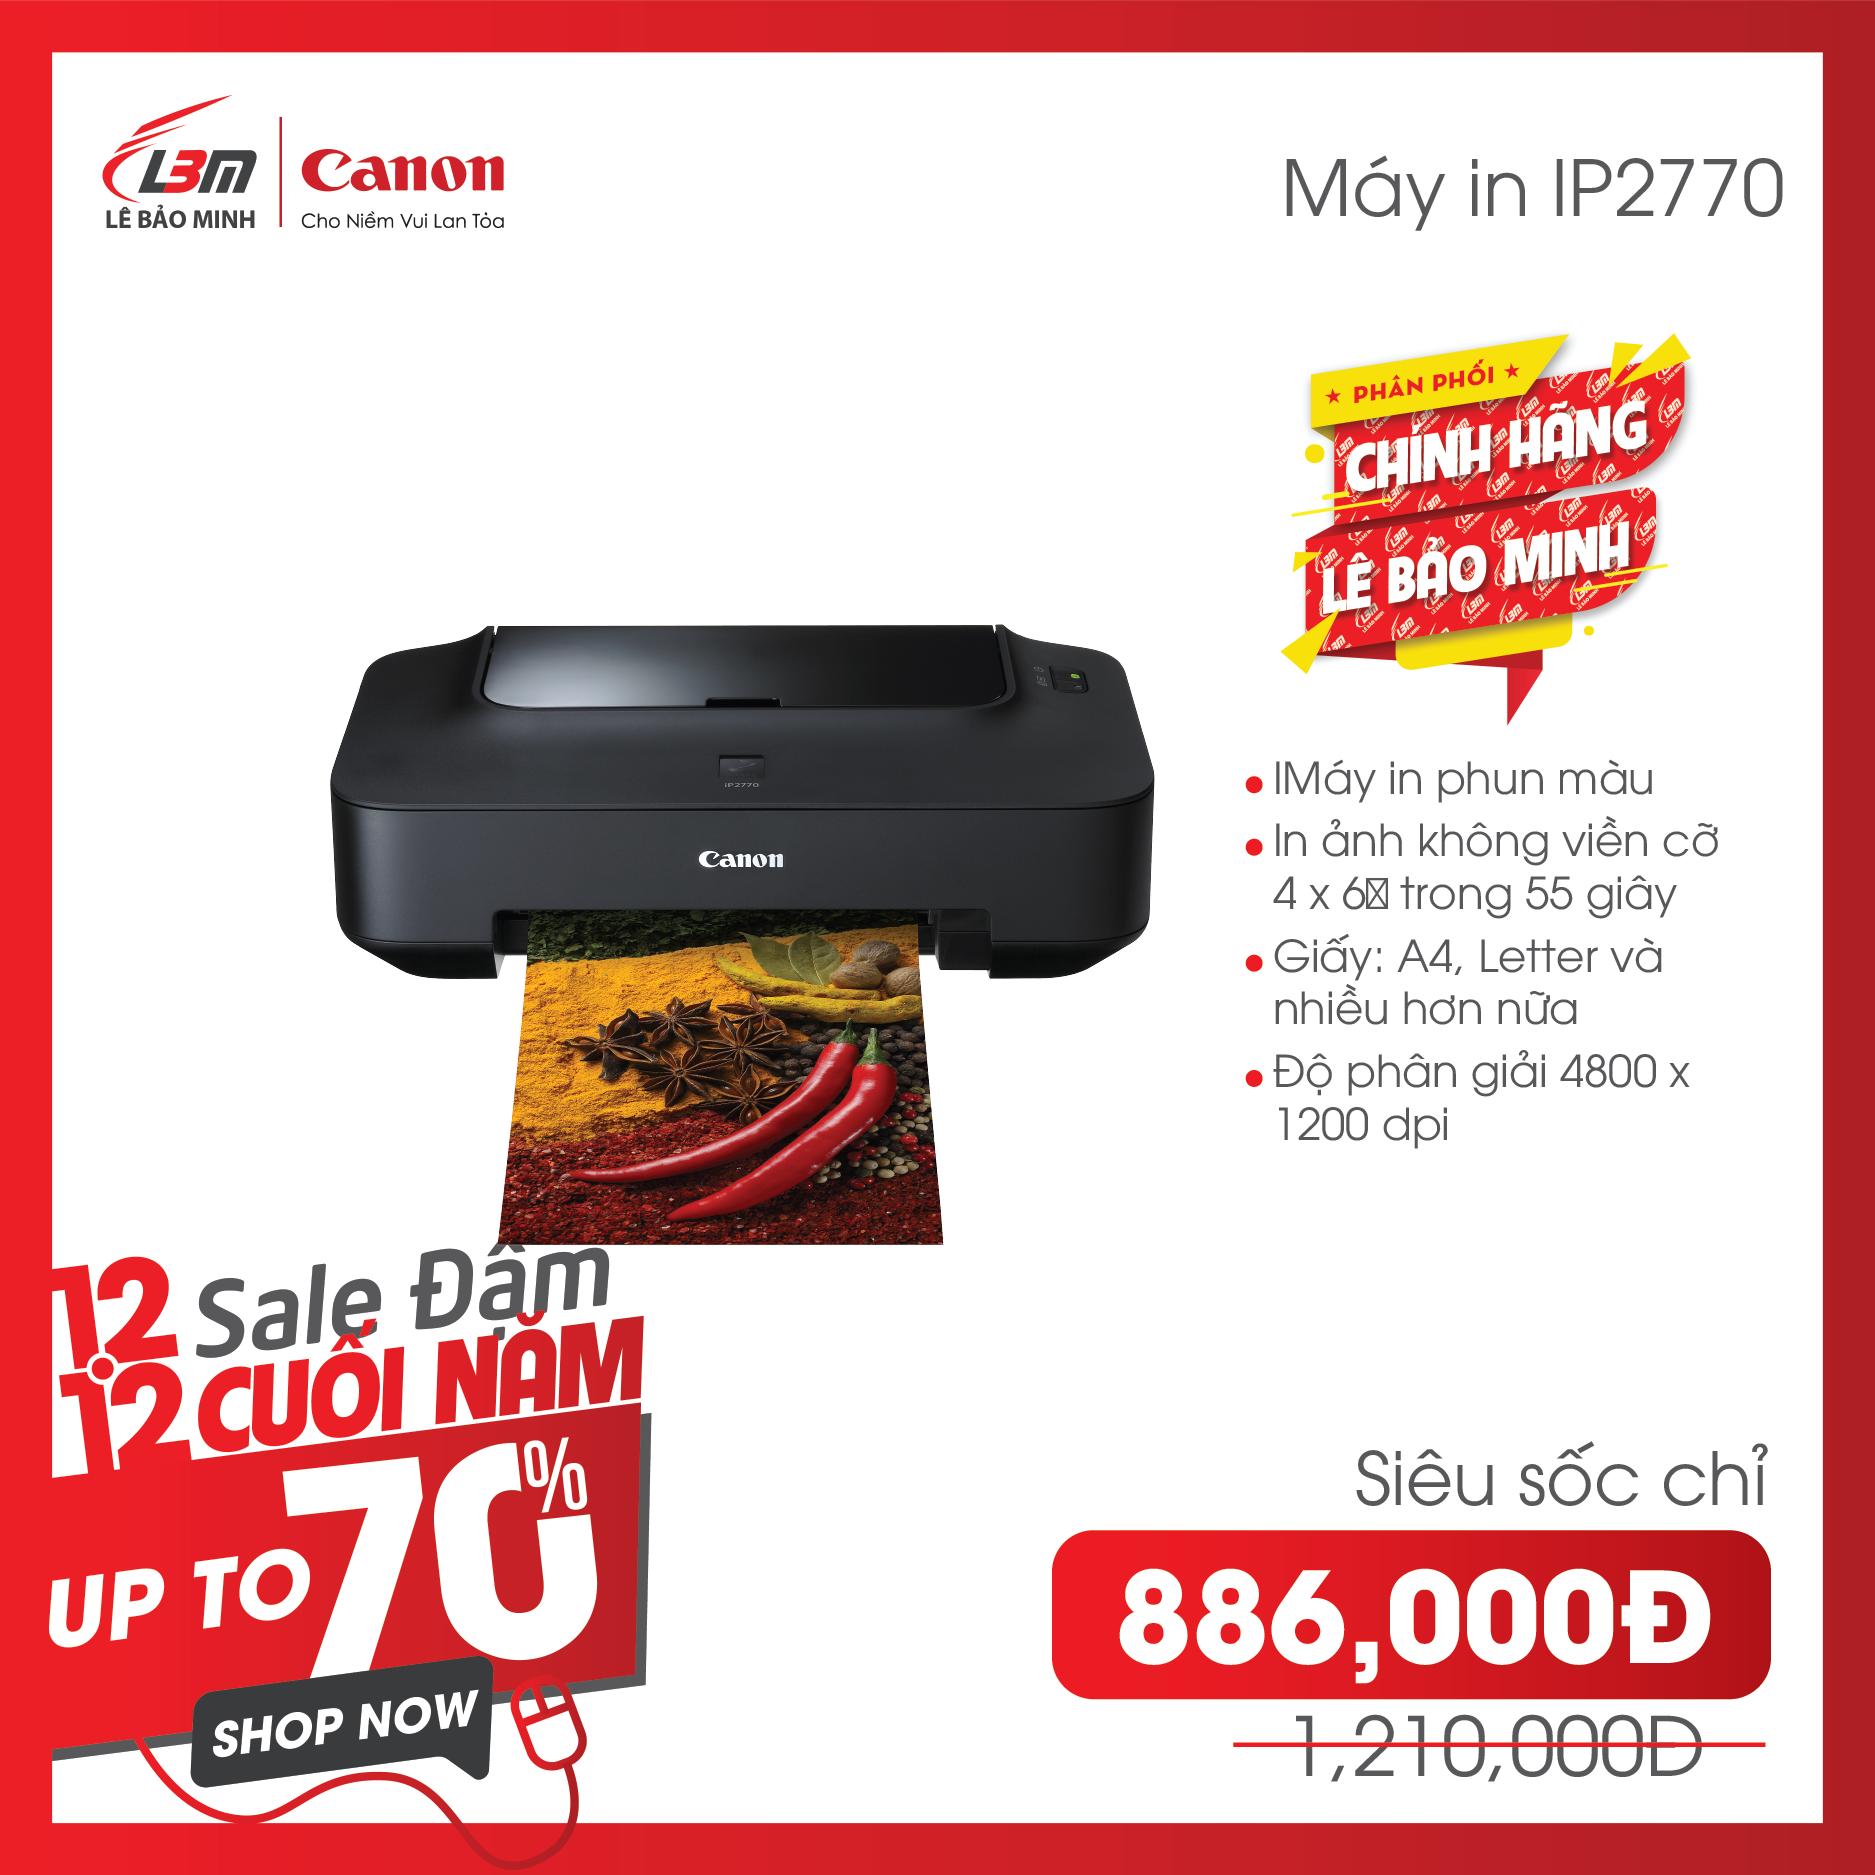 Máy in phun Pixma IP2770 – Hàng chính hãng Lê Bảo Minh